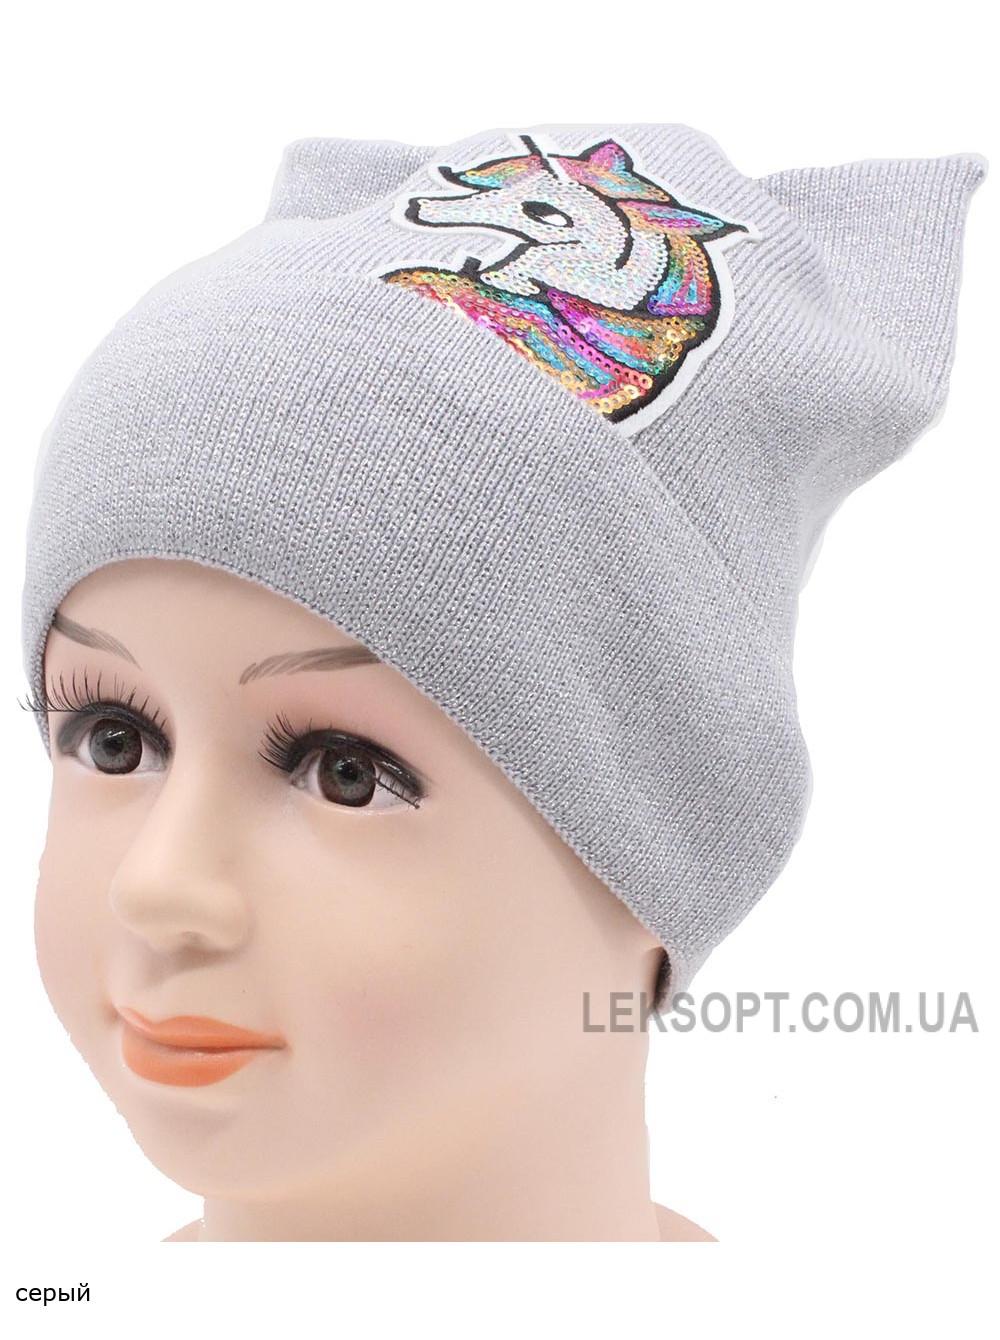 Детская вязаная шапка Единорог DV10324-46-50